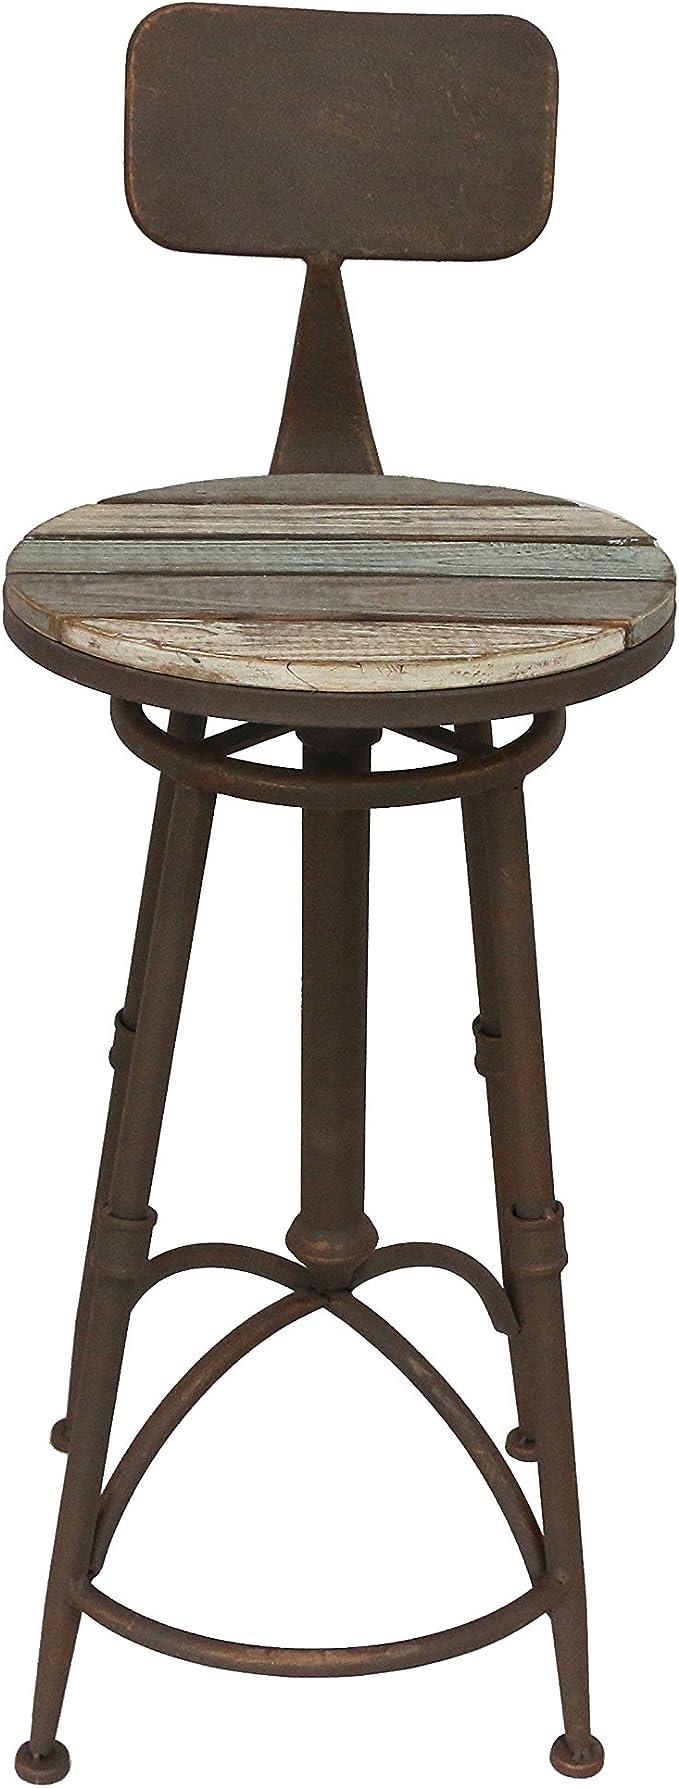 blu in legno altezza seduta: meno 70 cm fino al massimo 90 cm x larghezza 43 cm x profondit/à 36 cm. totale 98 cm Sgabello da bar in ardesia e rose